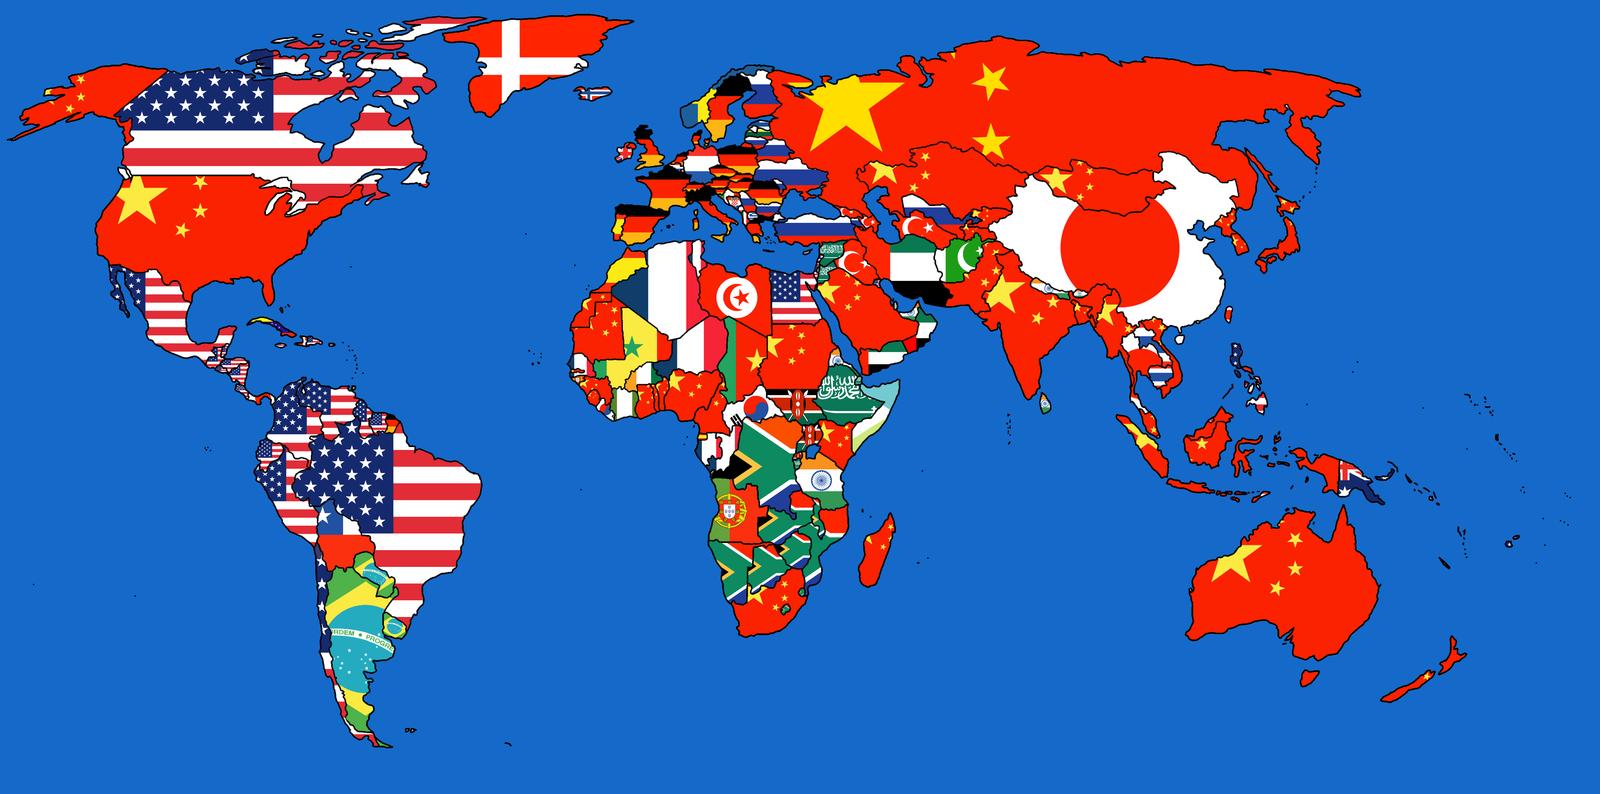 Myslíš si, že poznáš svet dobre? Tieto mapy ti ho ukážu inak a zaručene ťa prekvapia